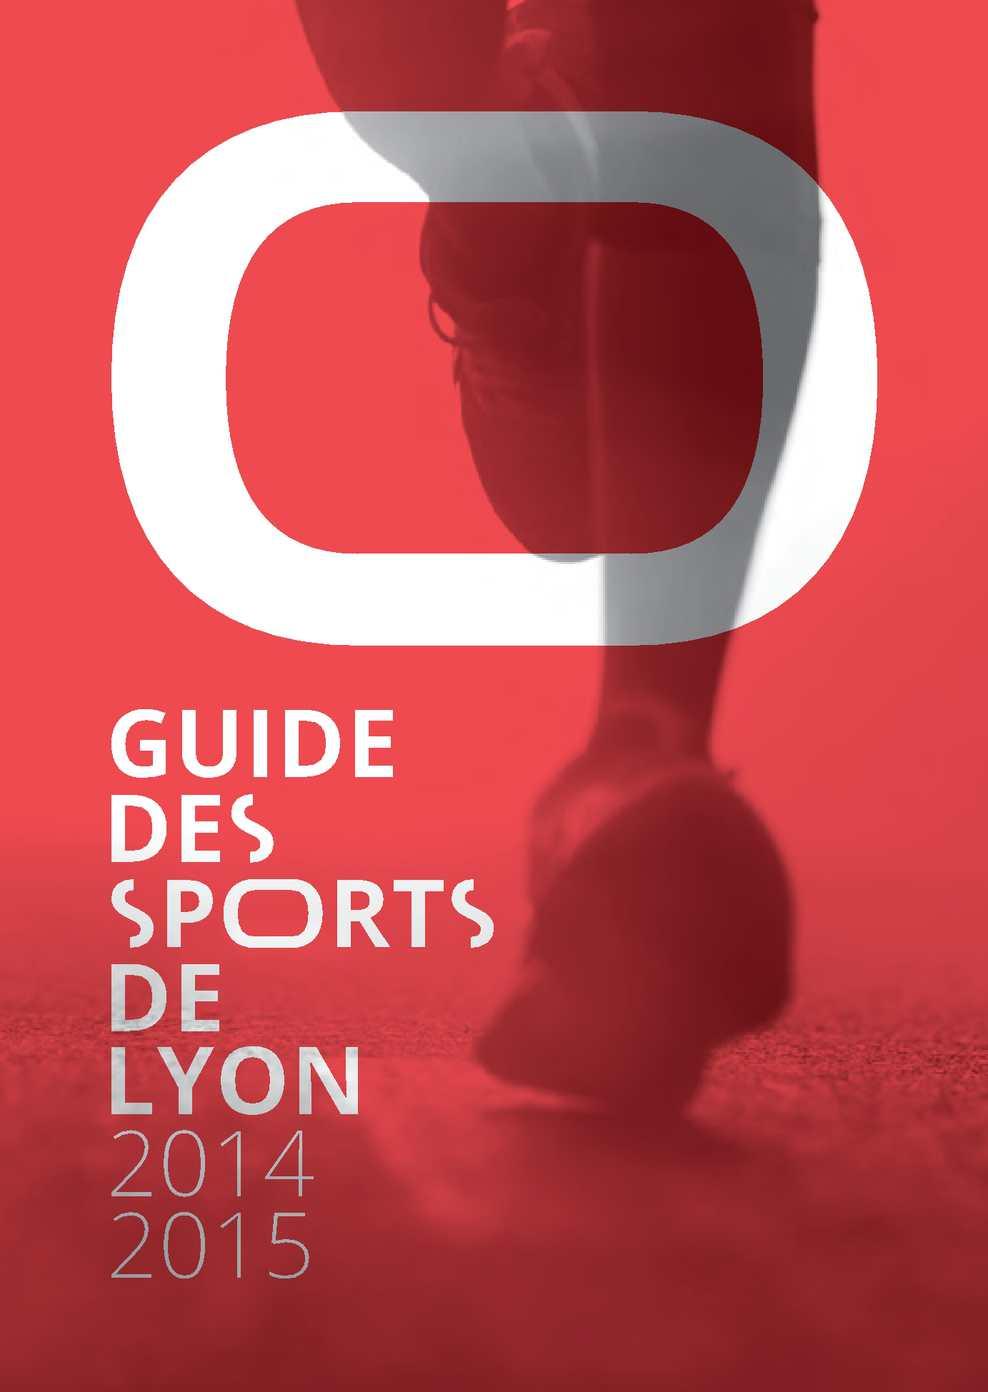 Calam o guide des sports de la ville de lyon 2014 2015 - Office des sports de lyon ...